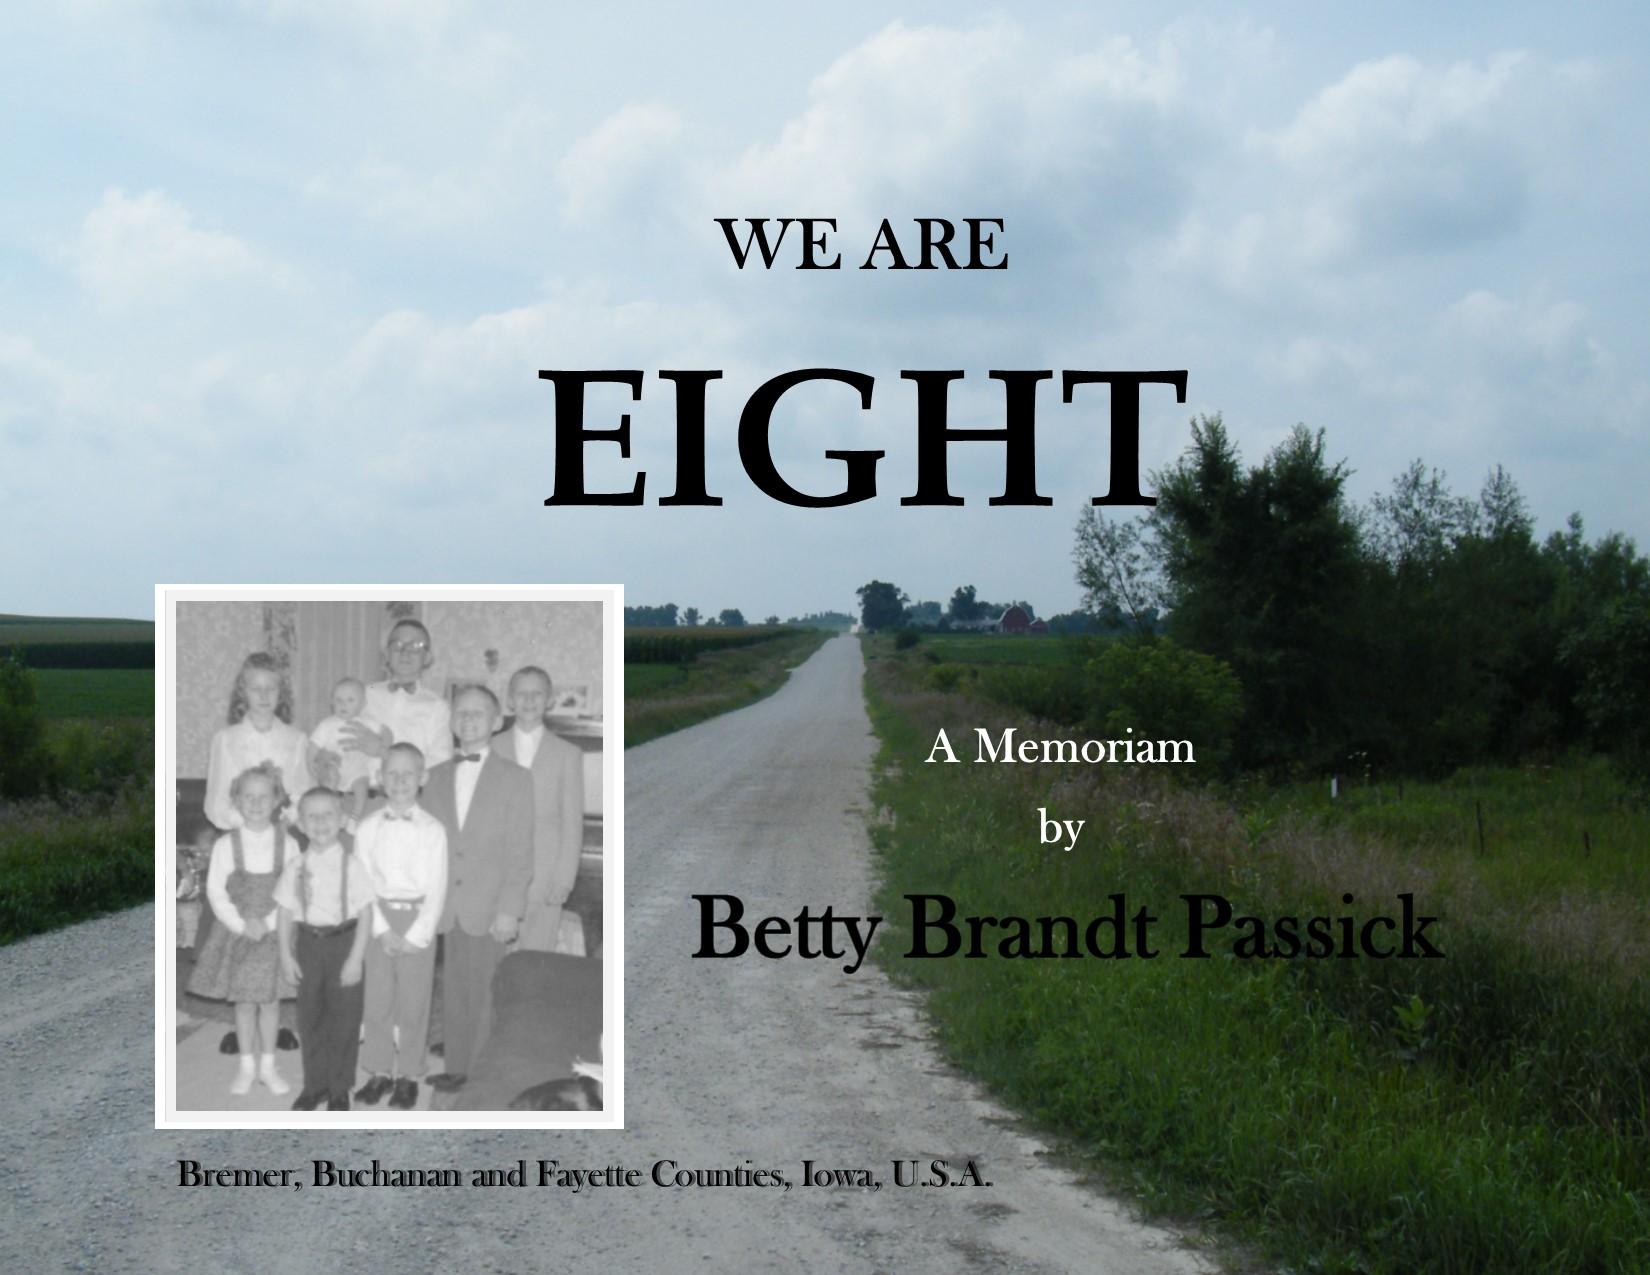 We Are Eight: A Memoriam